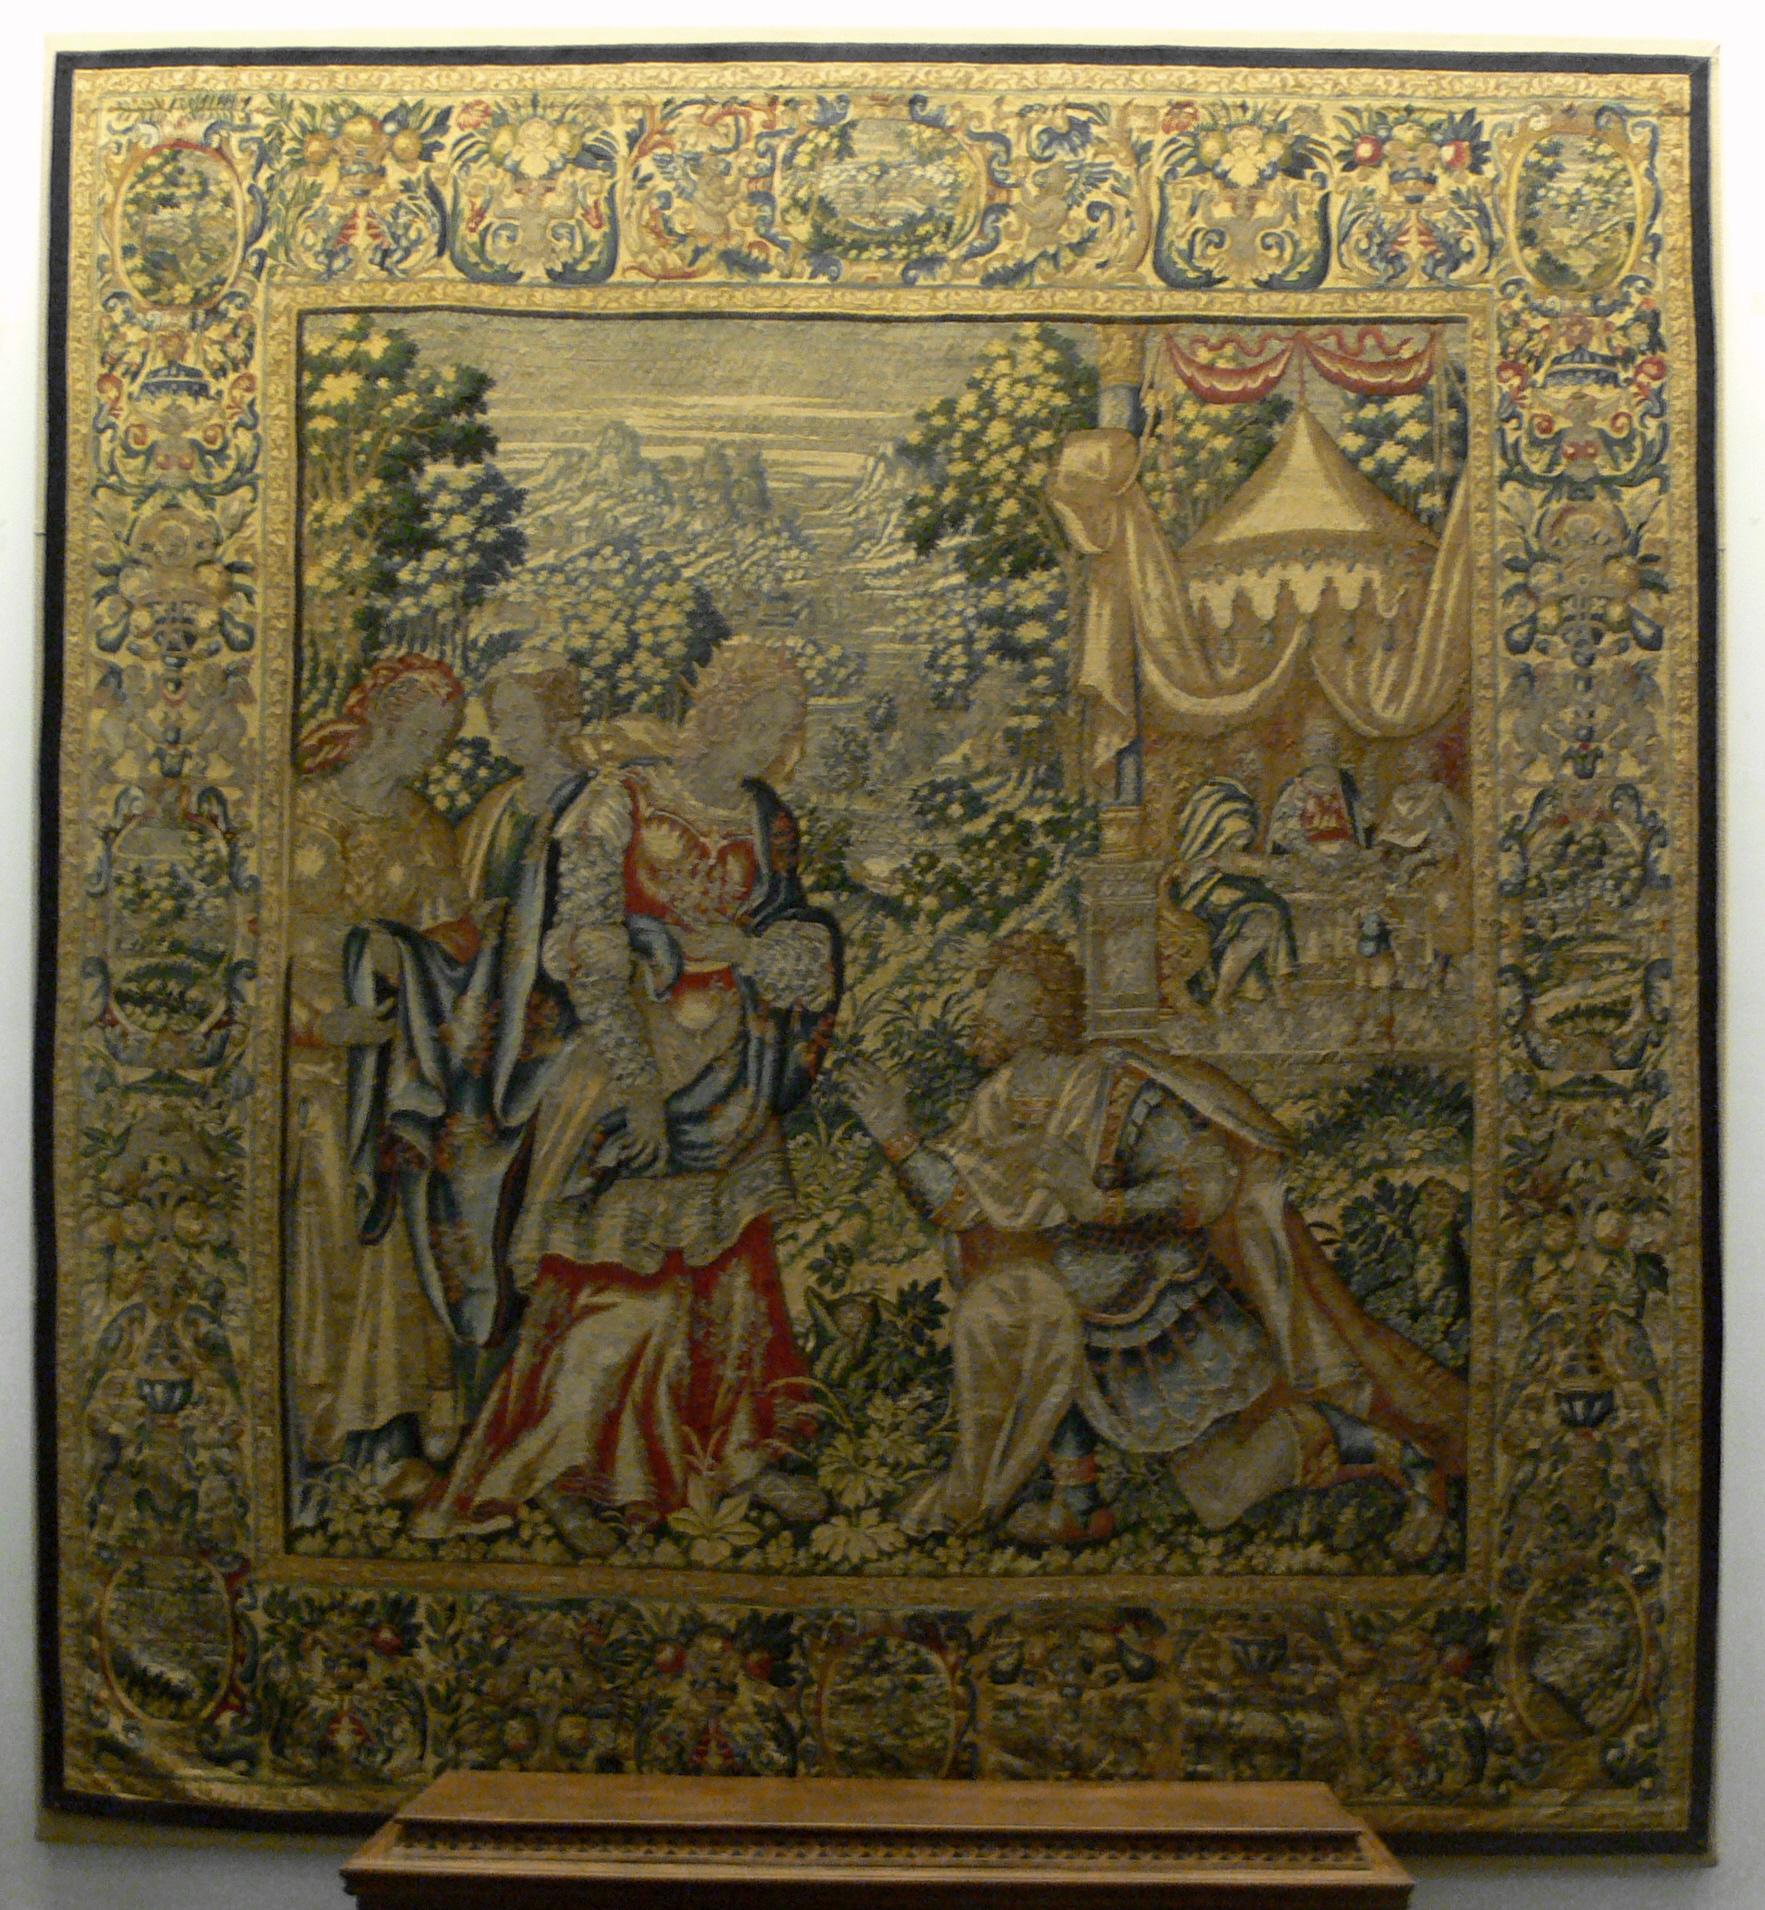 Königin Esther und Haman auf einem Bildteppich